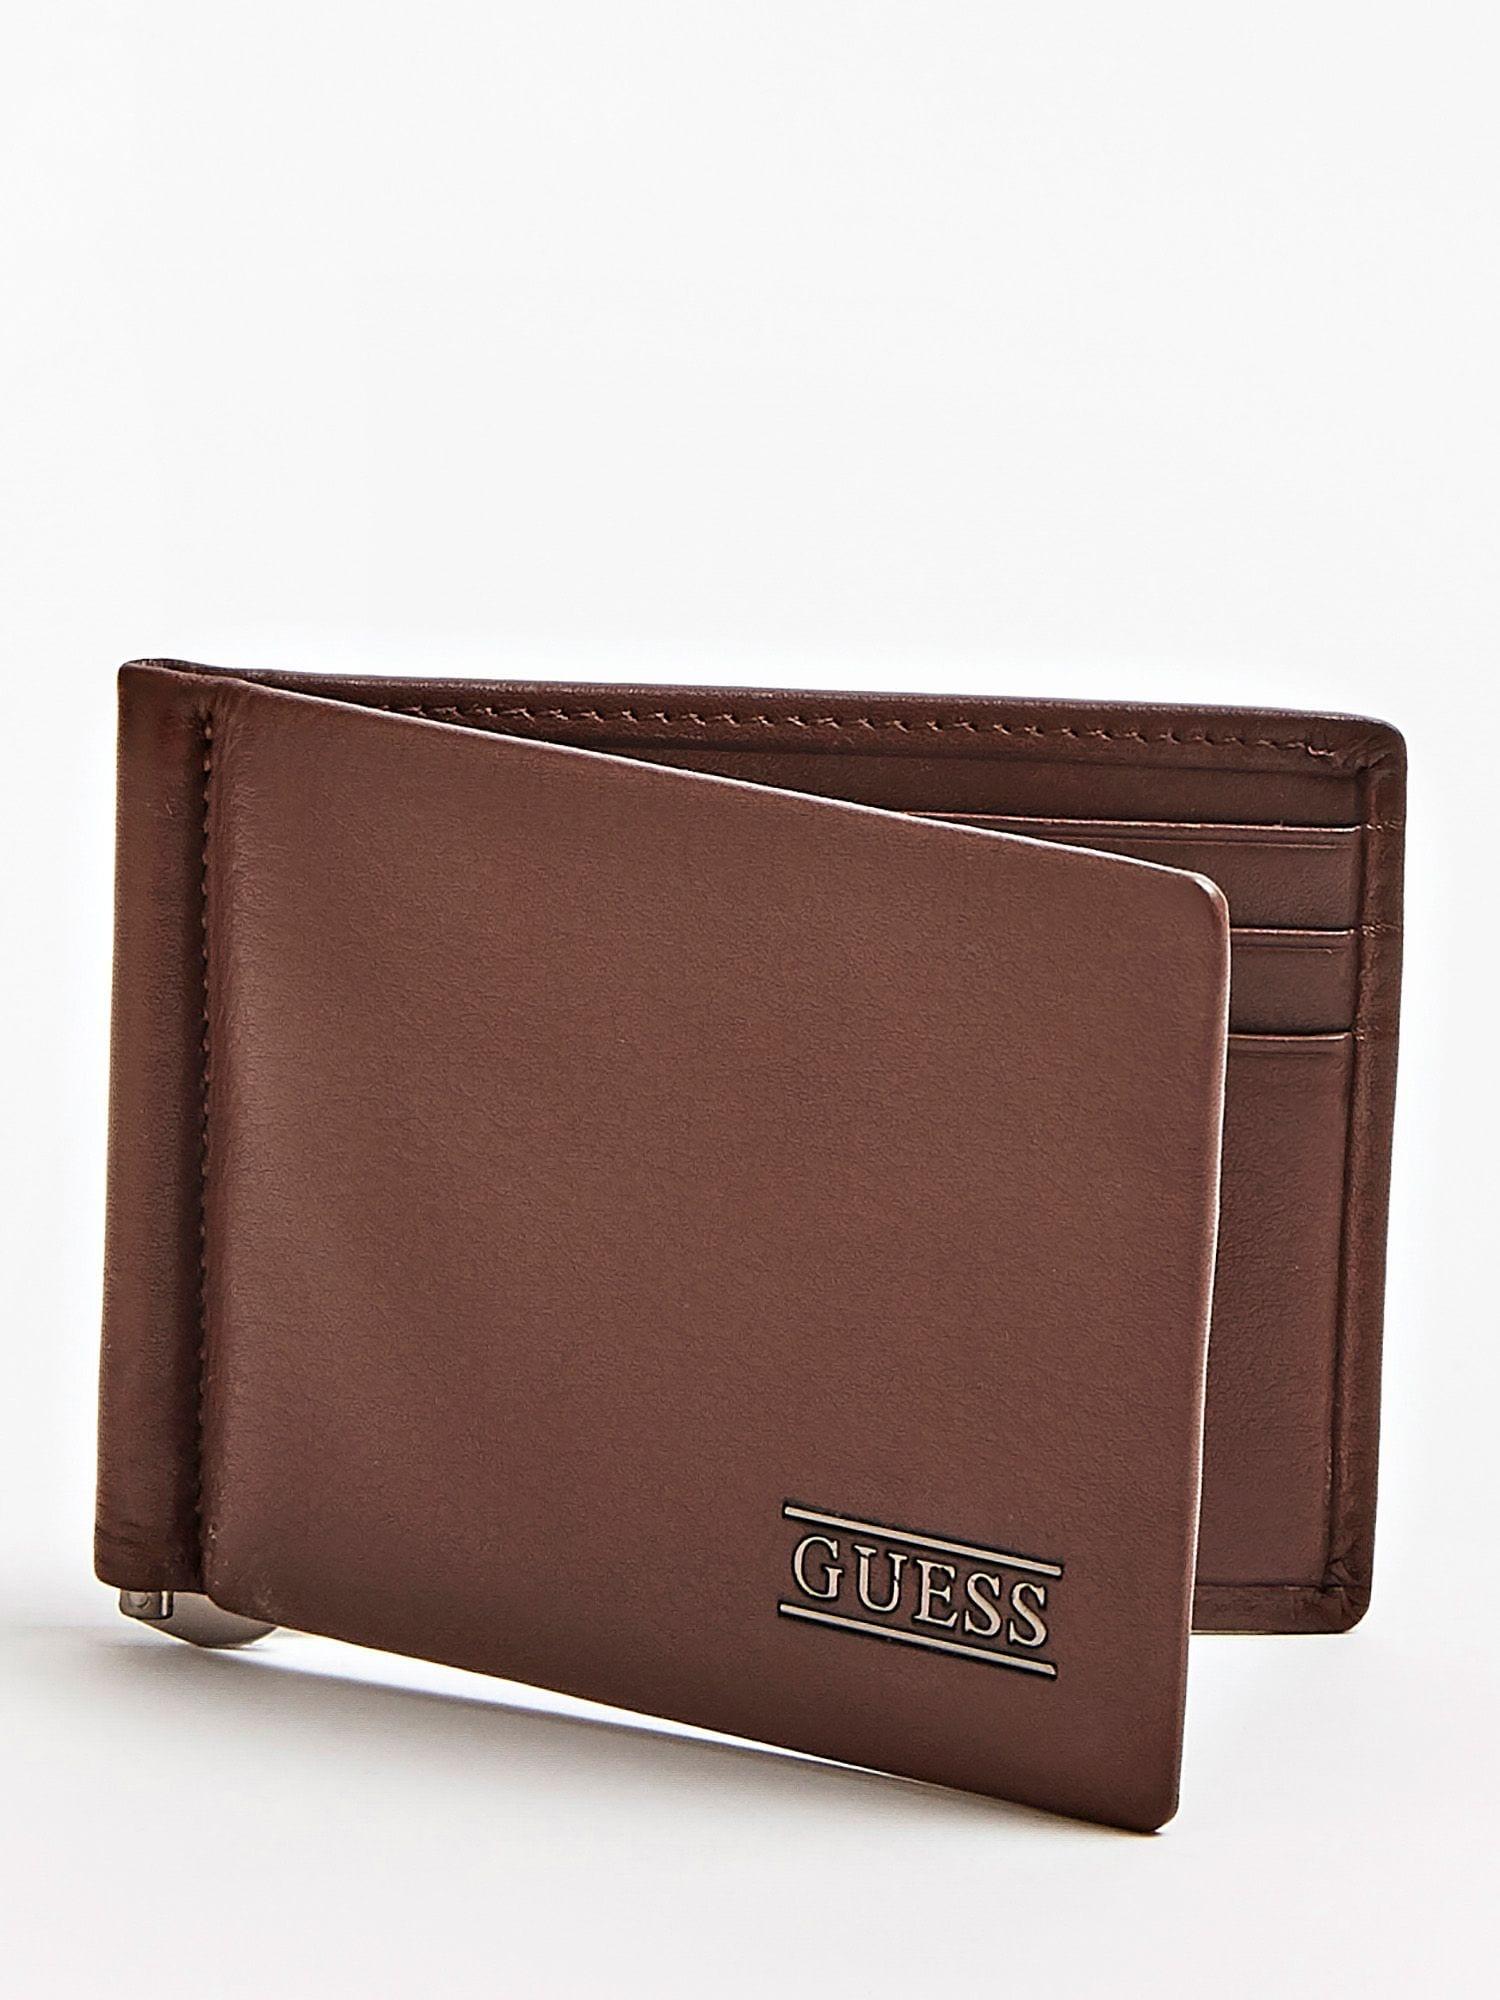 Portemonnaie 'New Boston' | Accessoires > Portemonnaies > Sonstige Portemonnaies | Guess